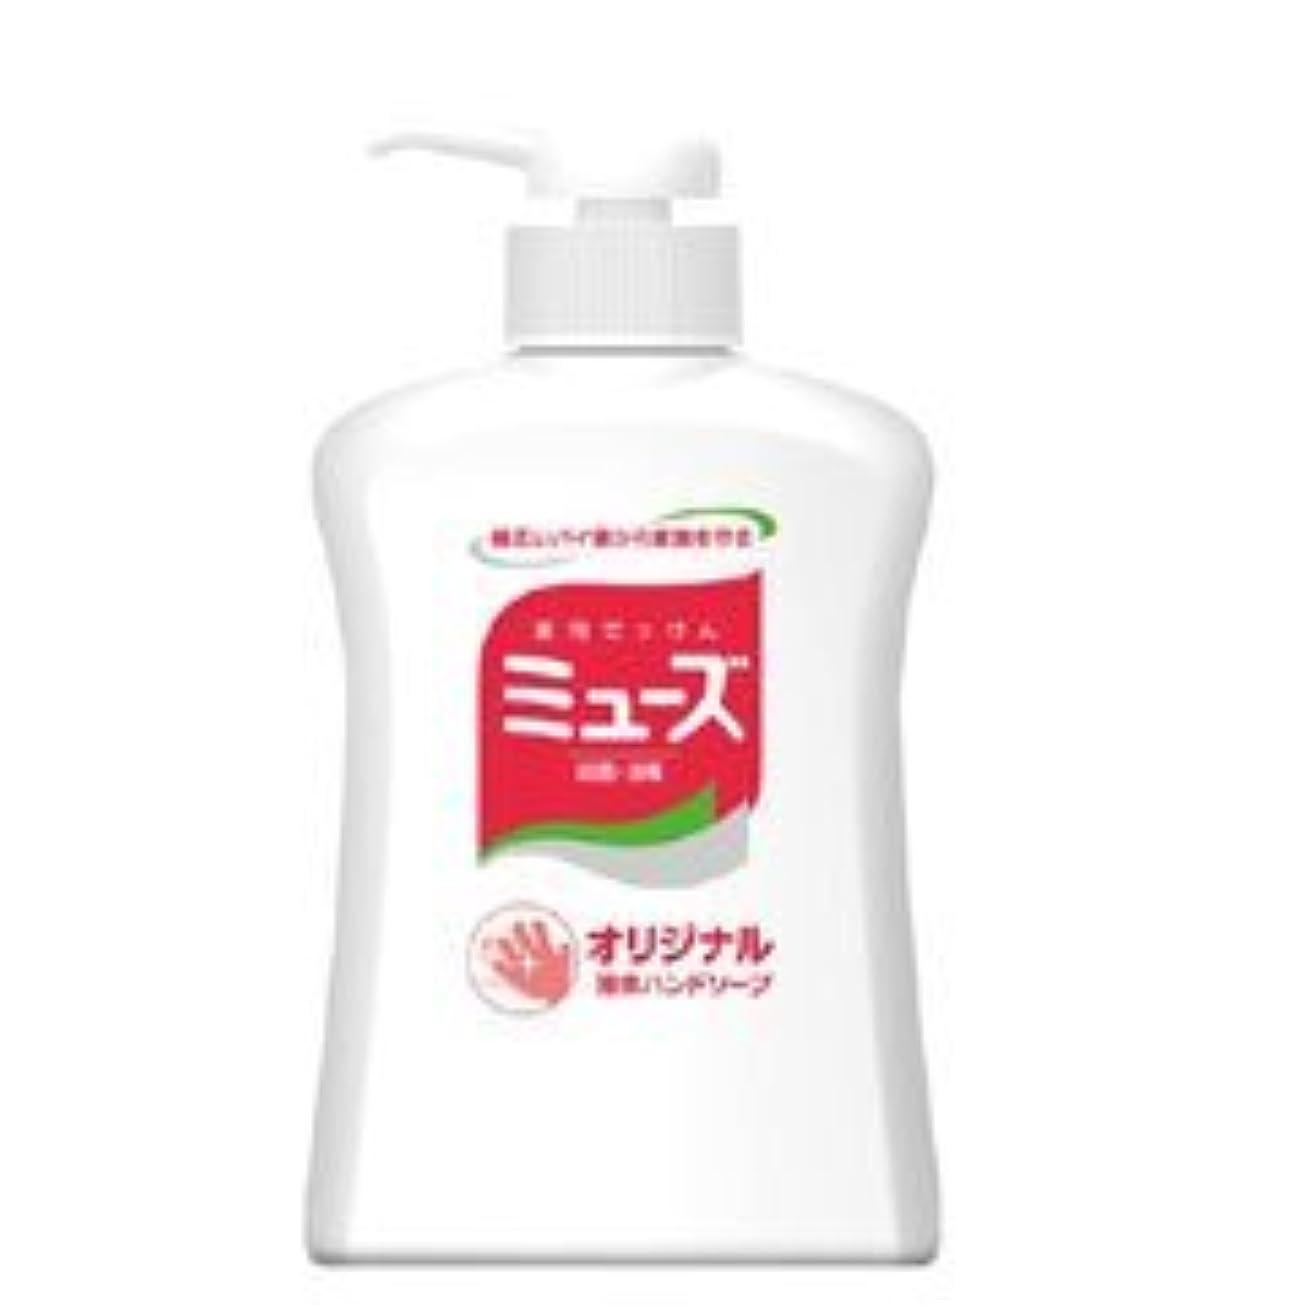 塩辛い肖像画雪だるま【アース製薬】液体ミューズ オリジナル 本体 250ml